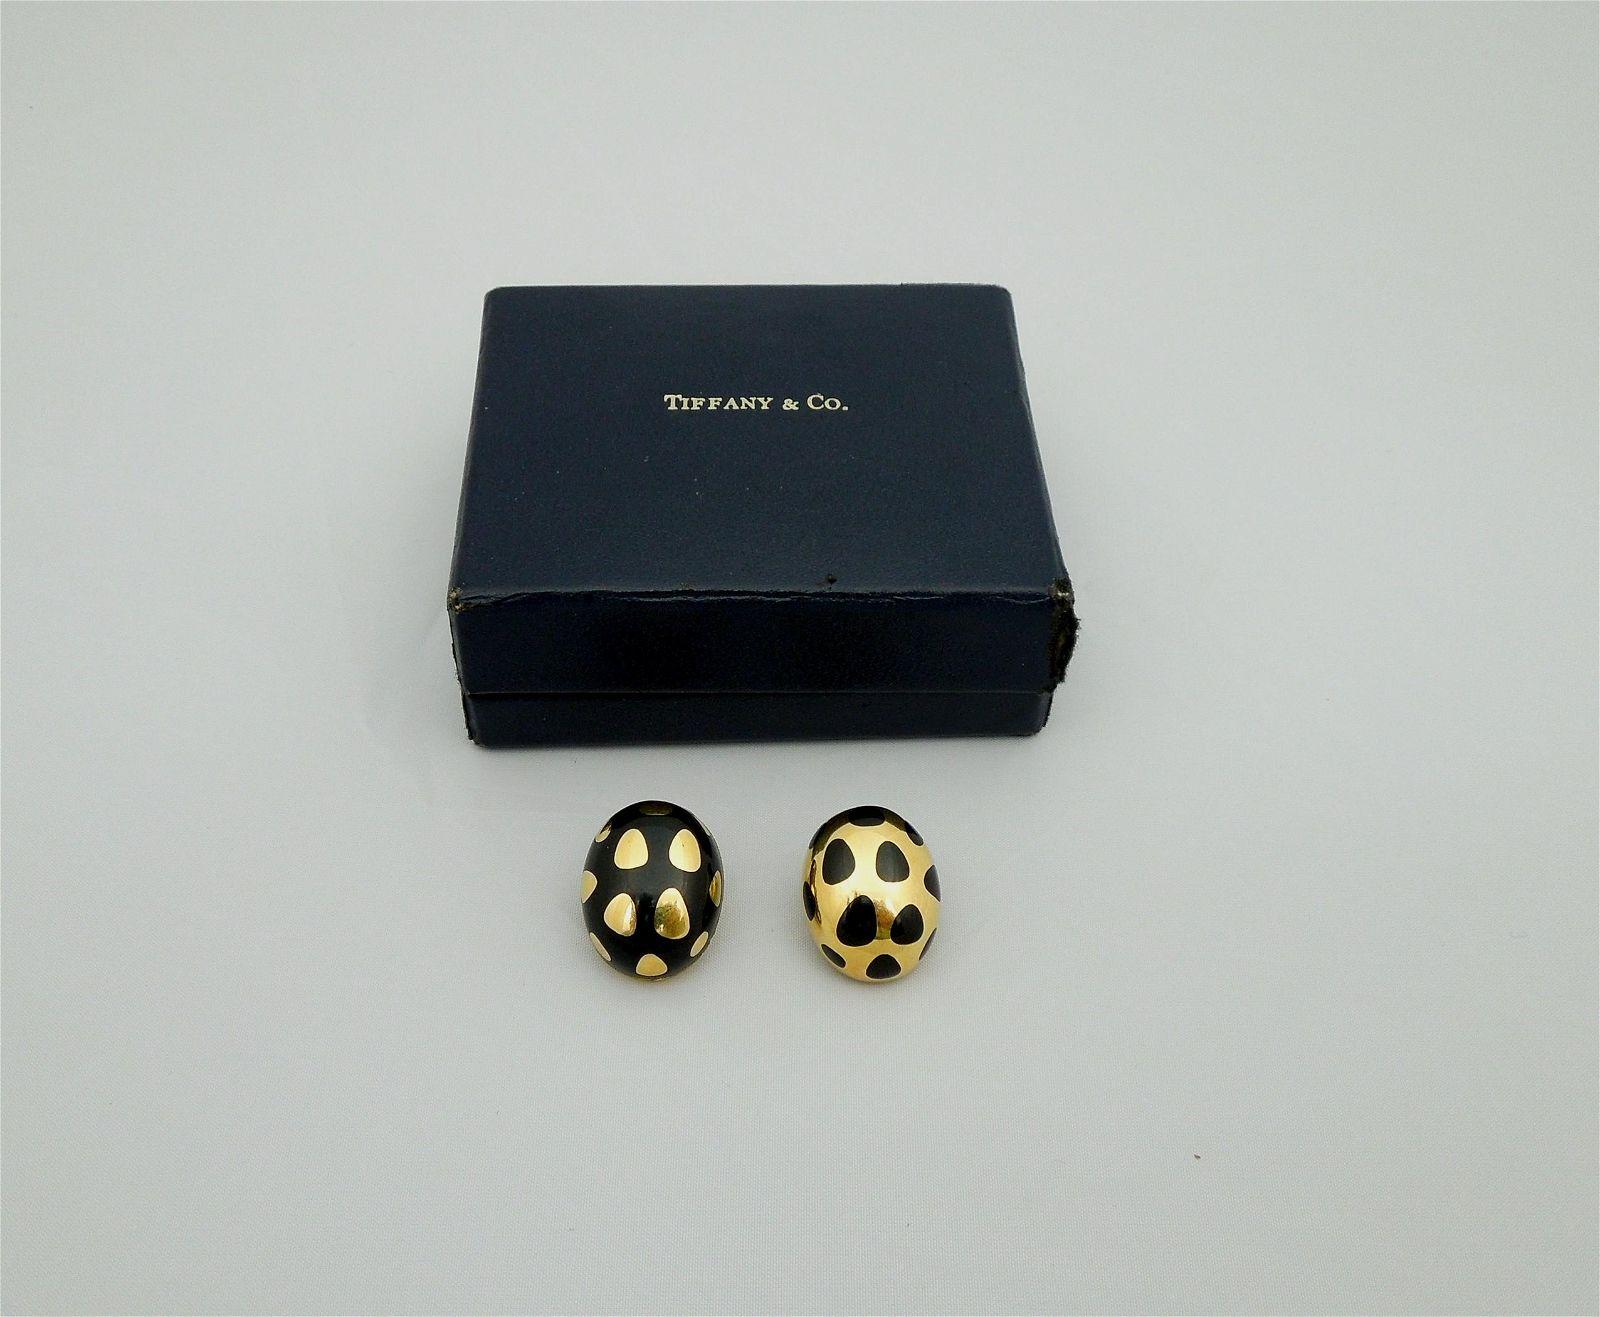 Tiffany & Co. 18K Positive Negative Earrings.